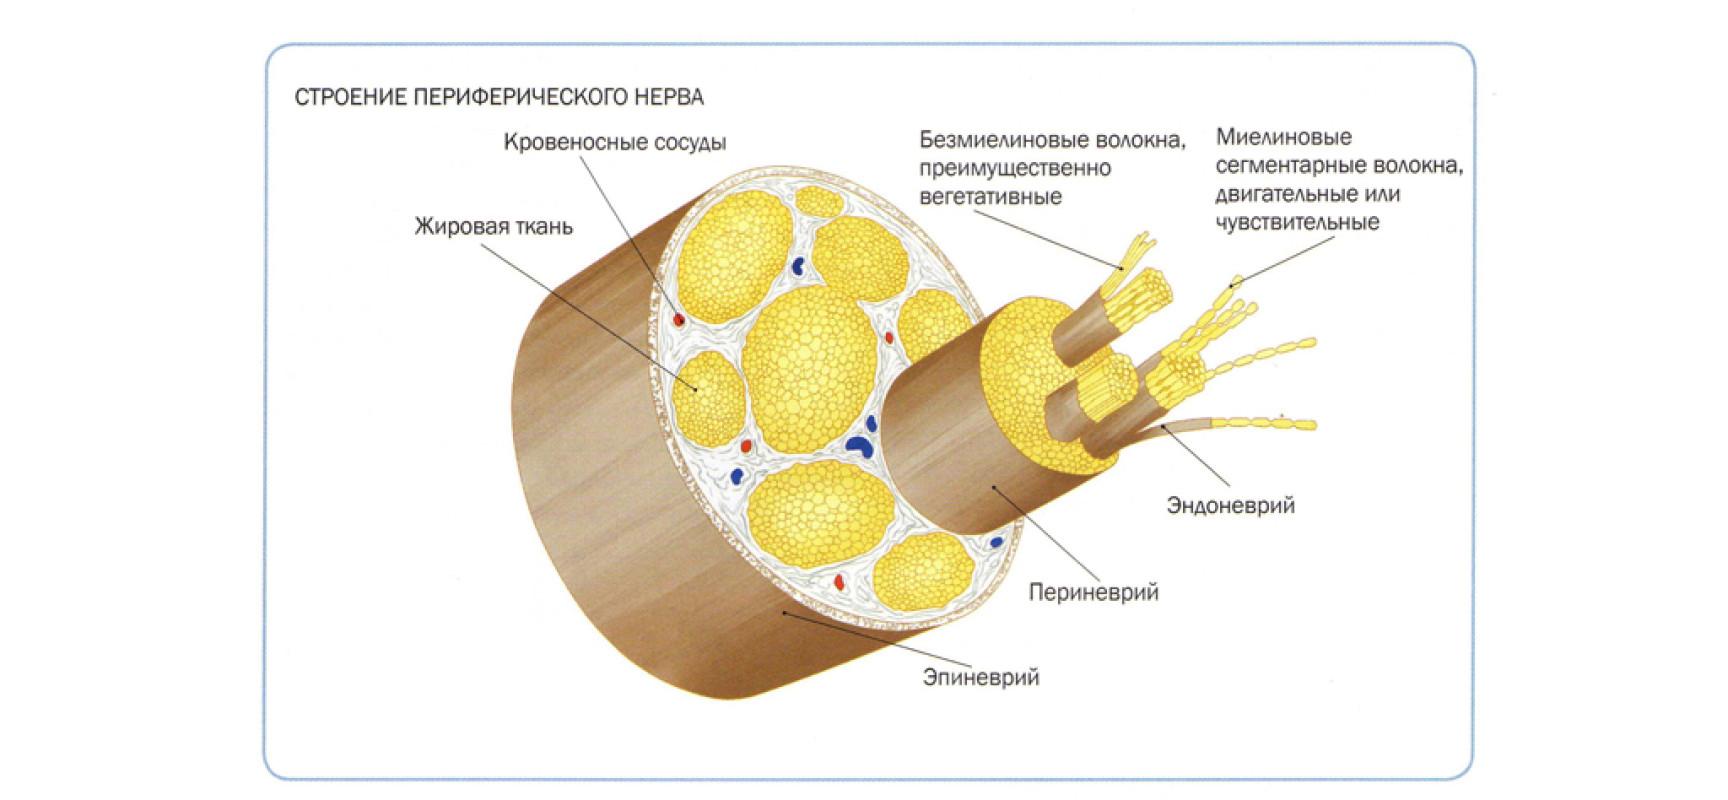 Анатомия периферической нервной системы